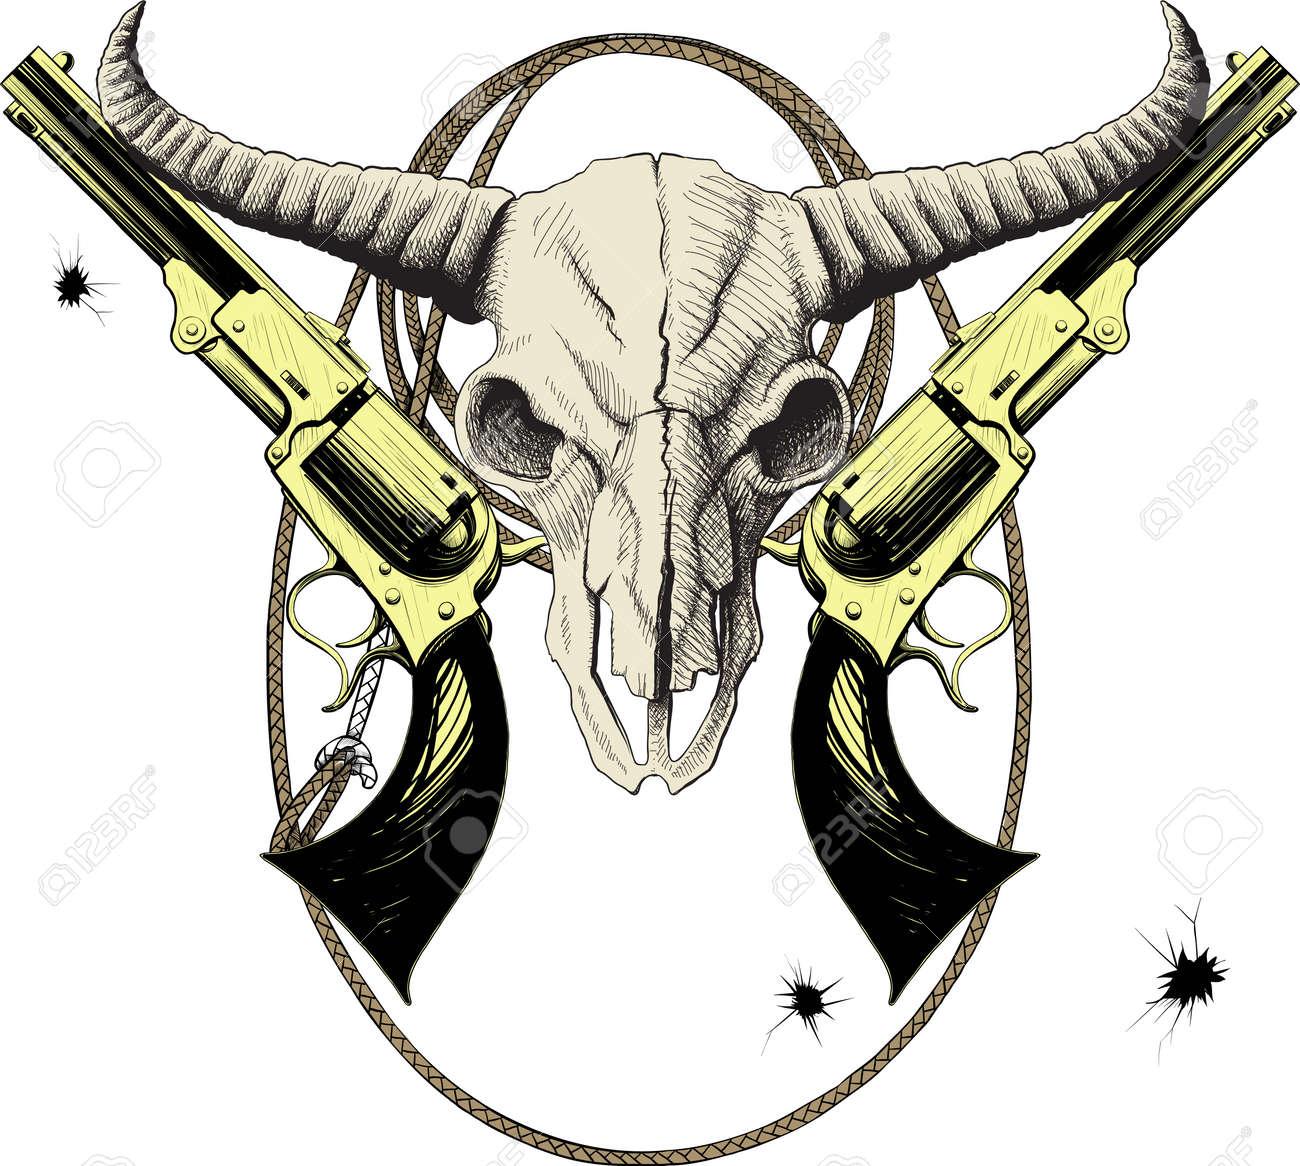 Животное бык с пистолетом или ружьем картинка 5